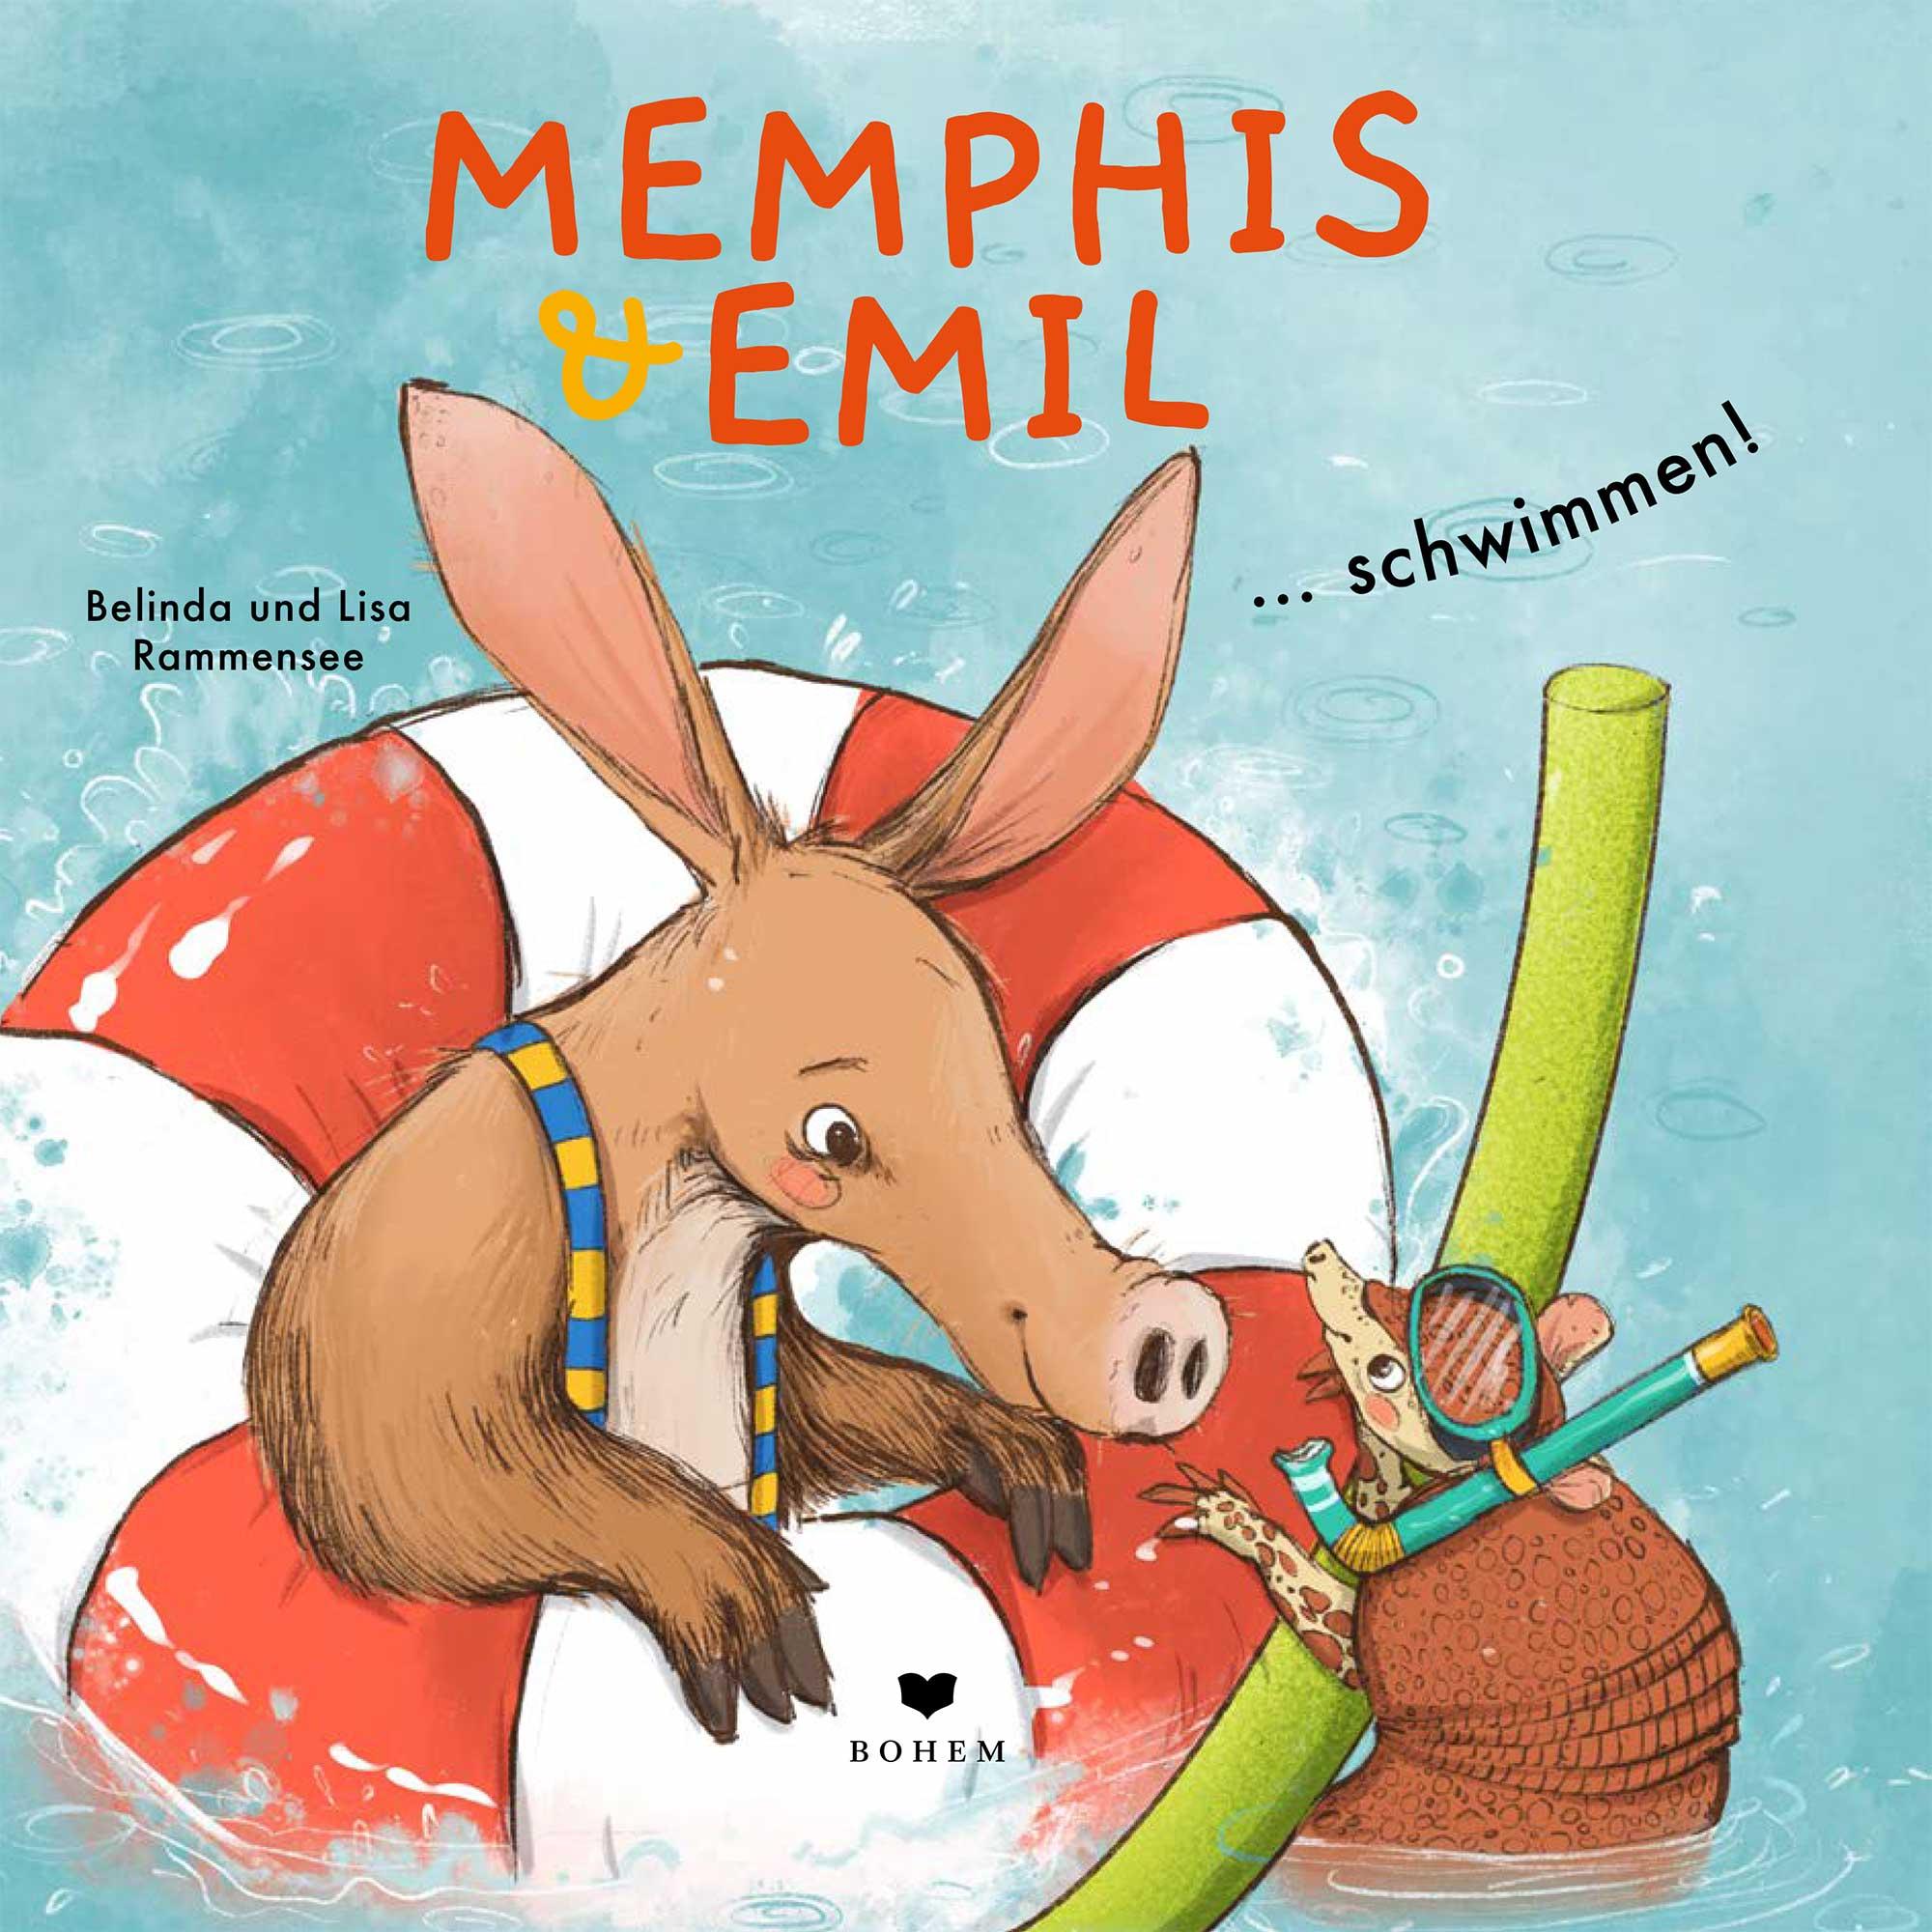 memphis-und-emil-cover